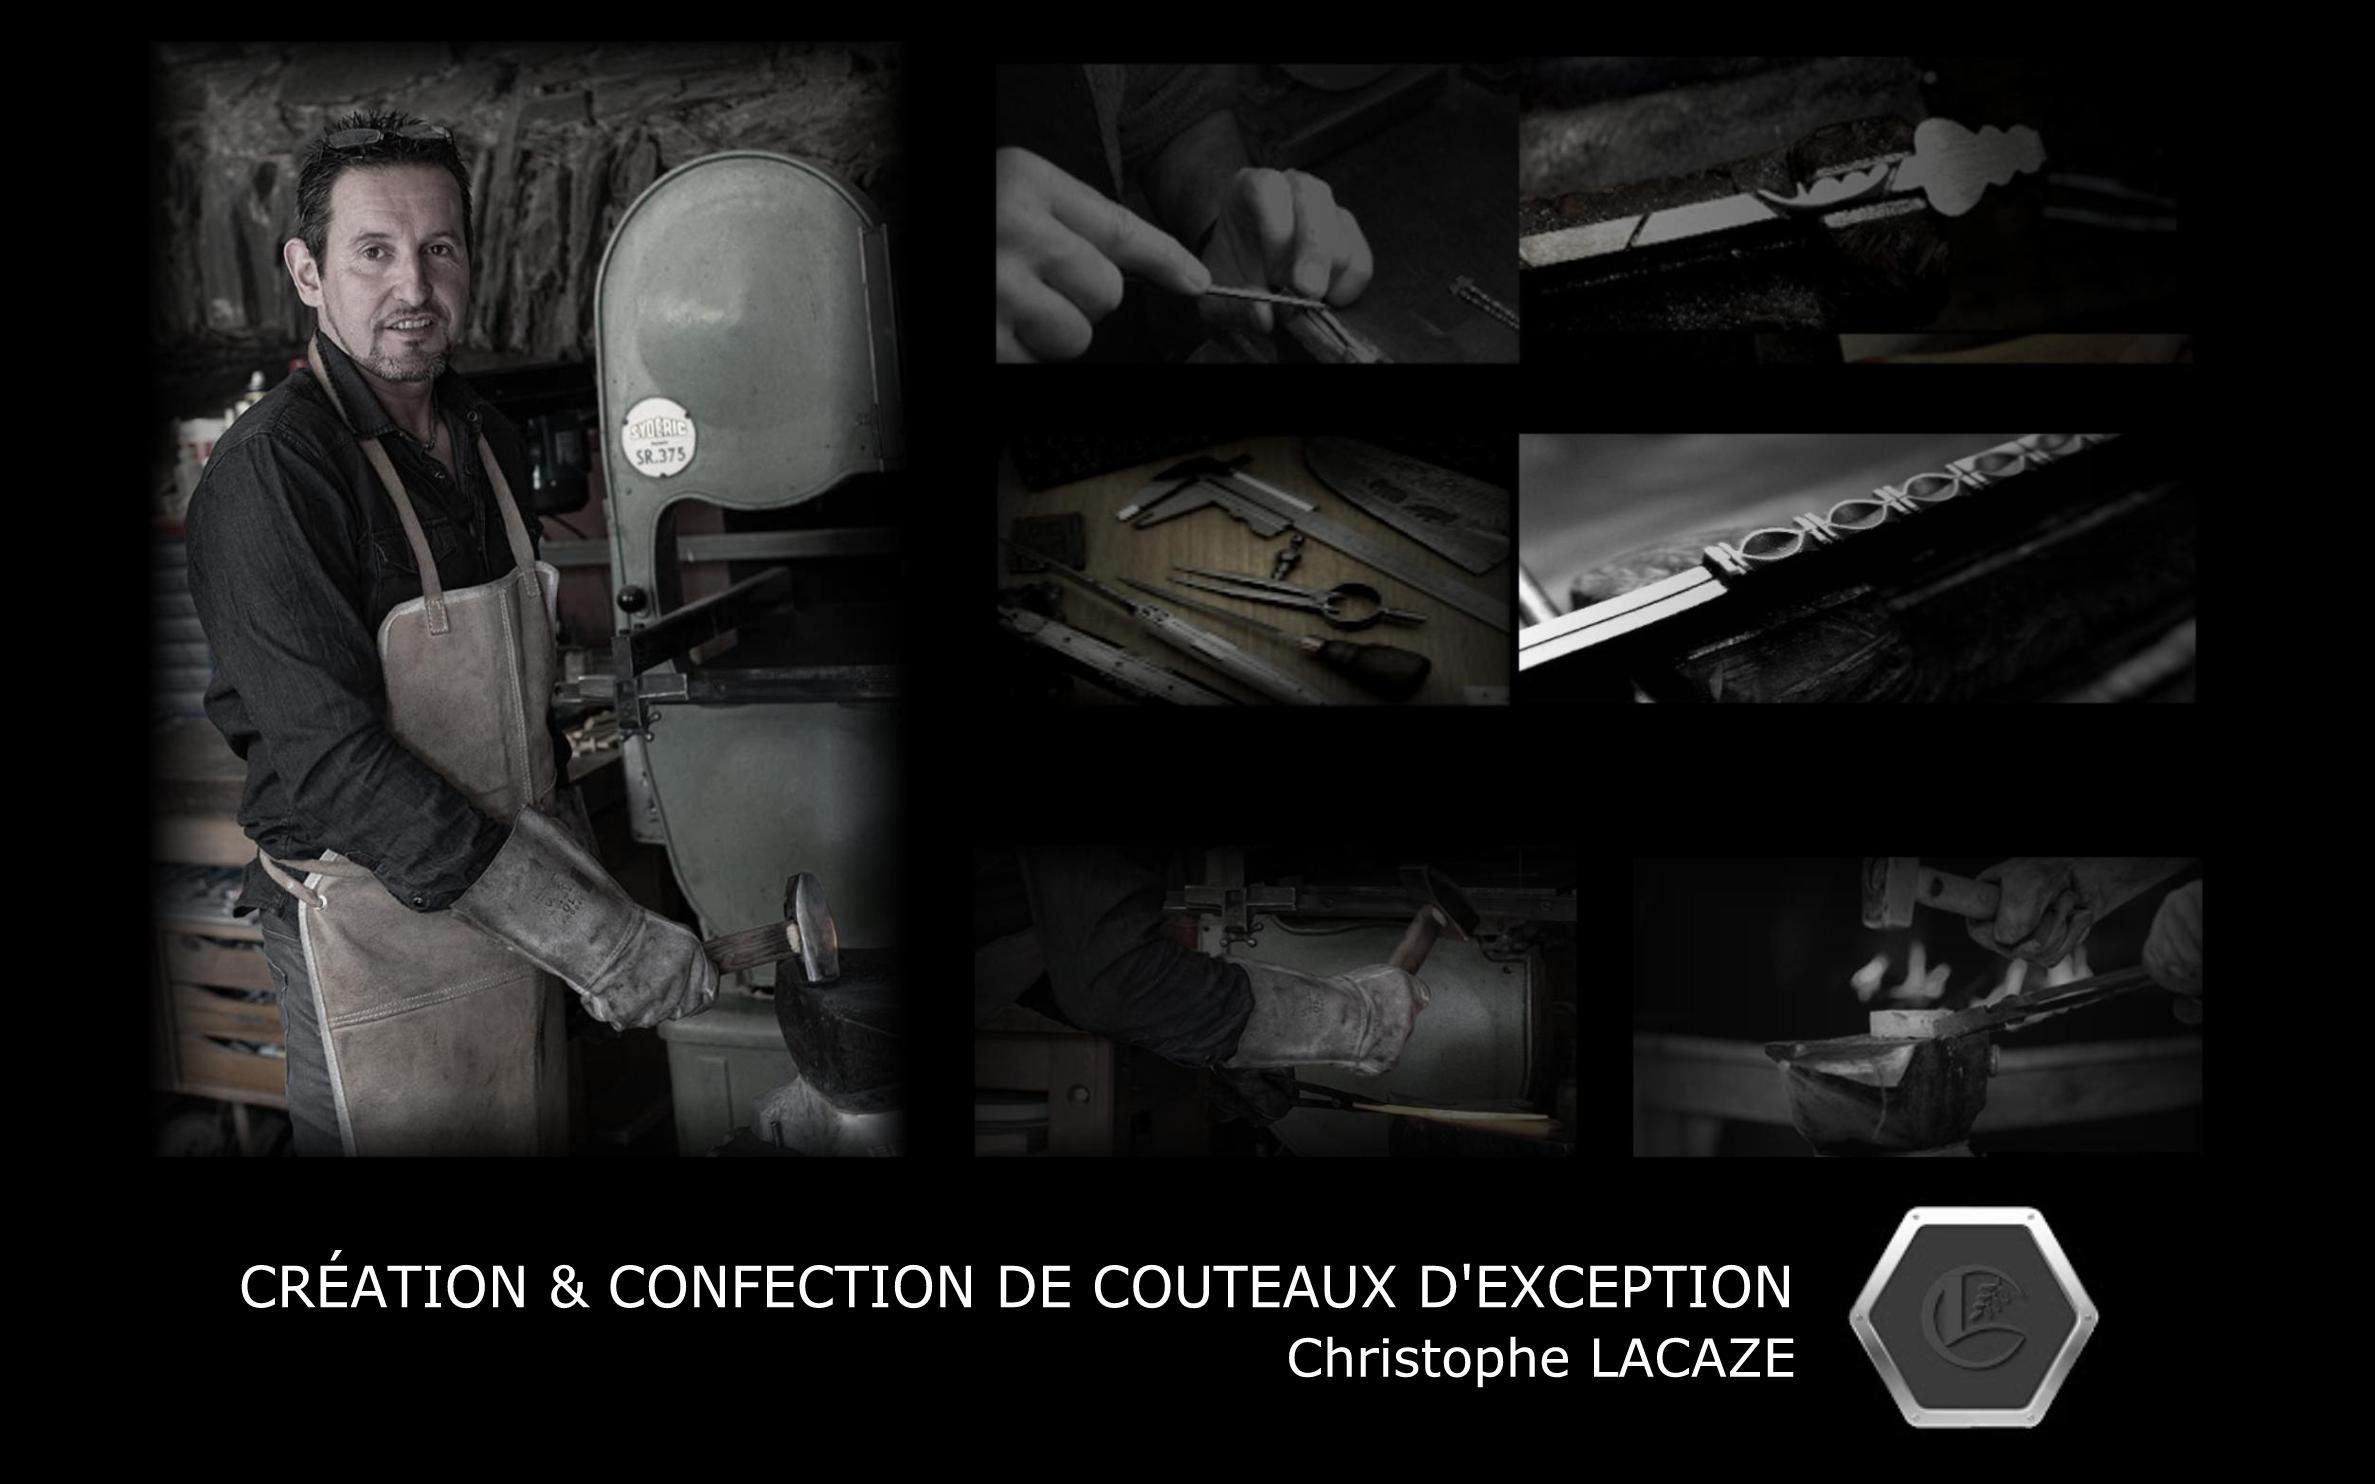 Atelier de création & de confection Christophe LACAZE